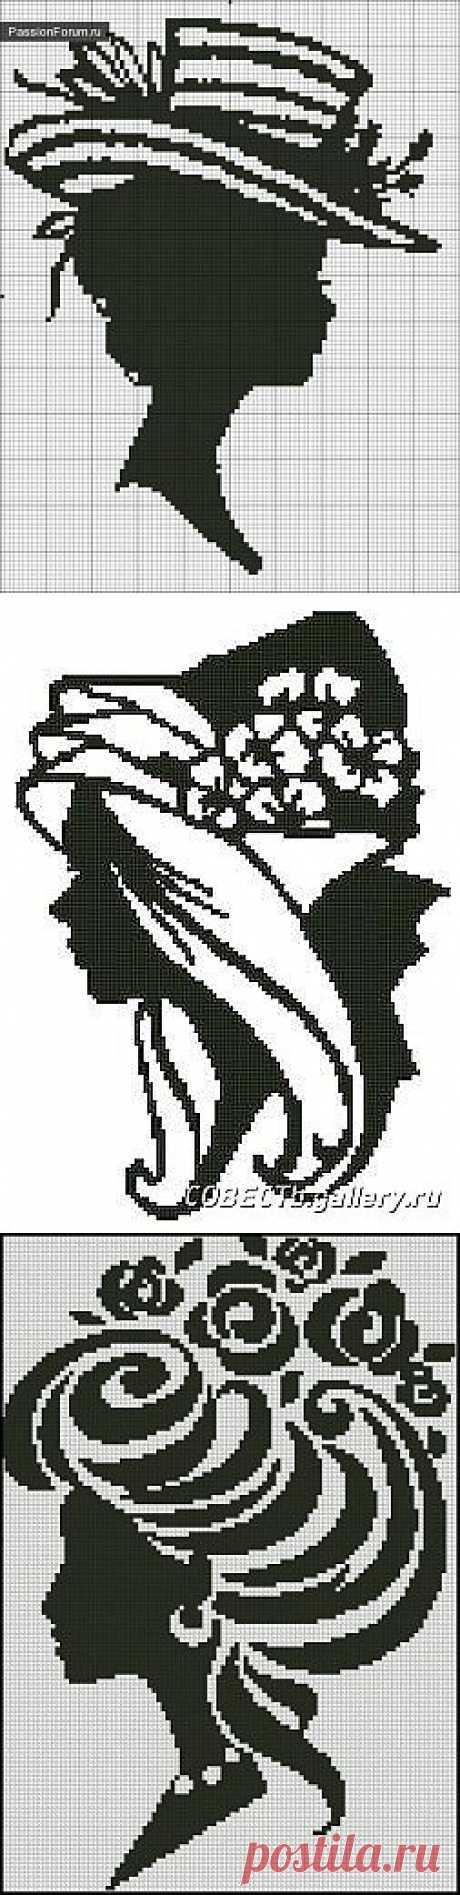 МОНОХРОМ. ПОРТРЕТЫ ДЕВУШЕК / Схемы вышивки крестиком / PassionForum - мастер-классы по рукоделию